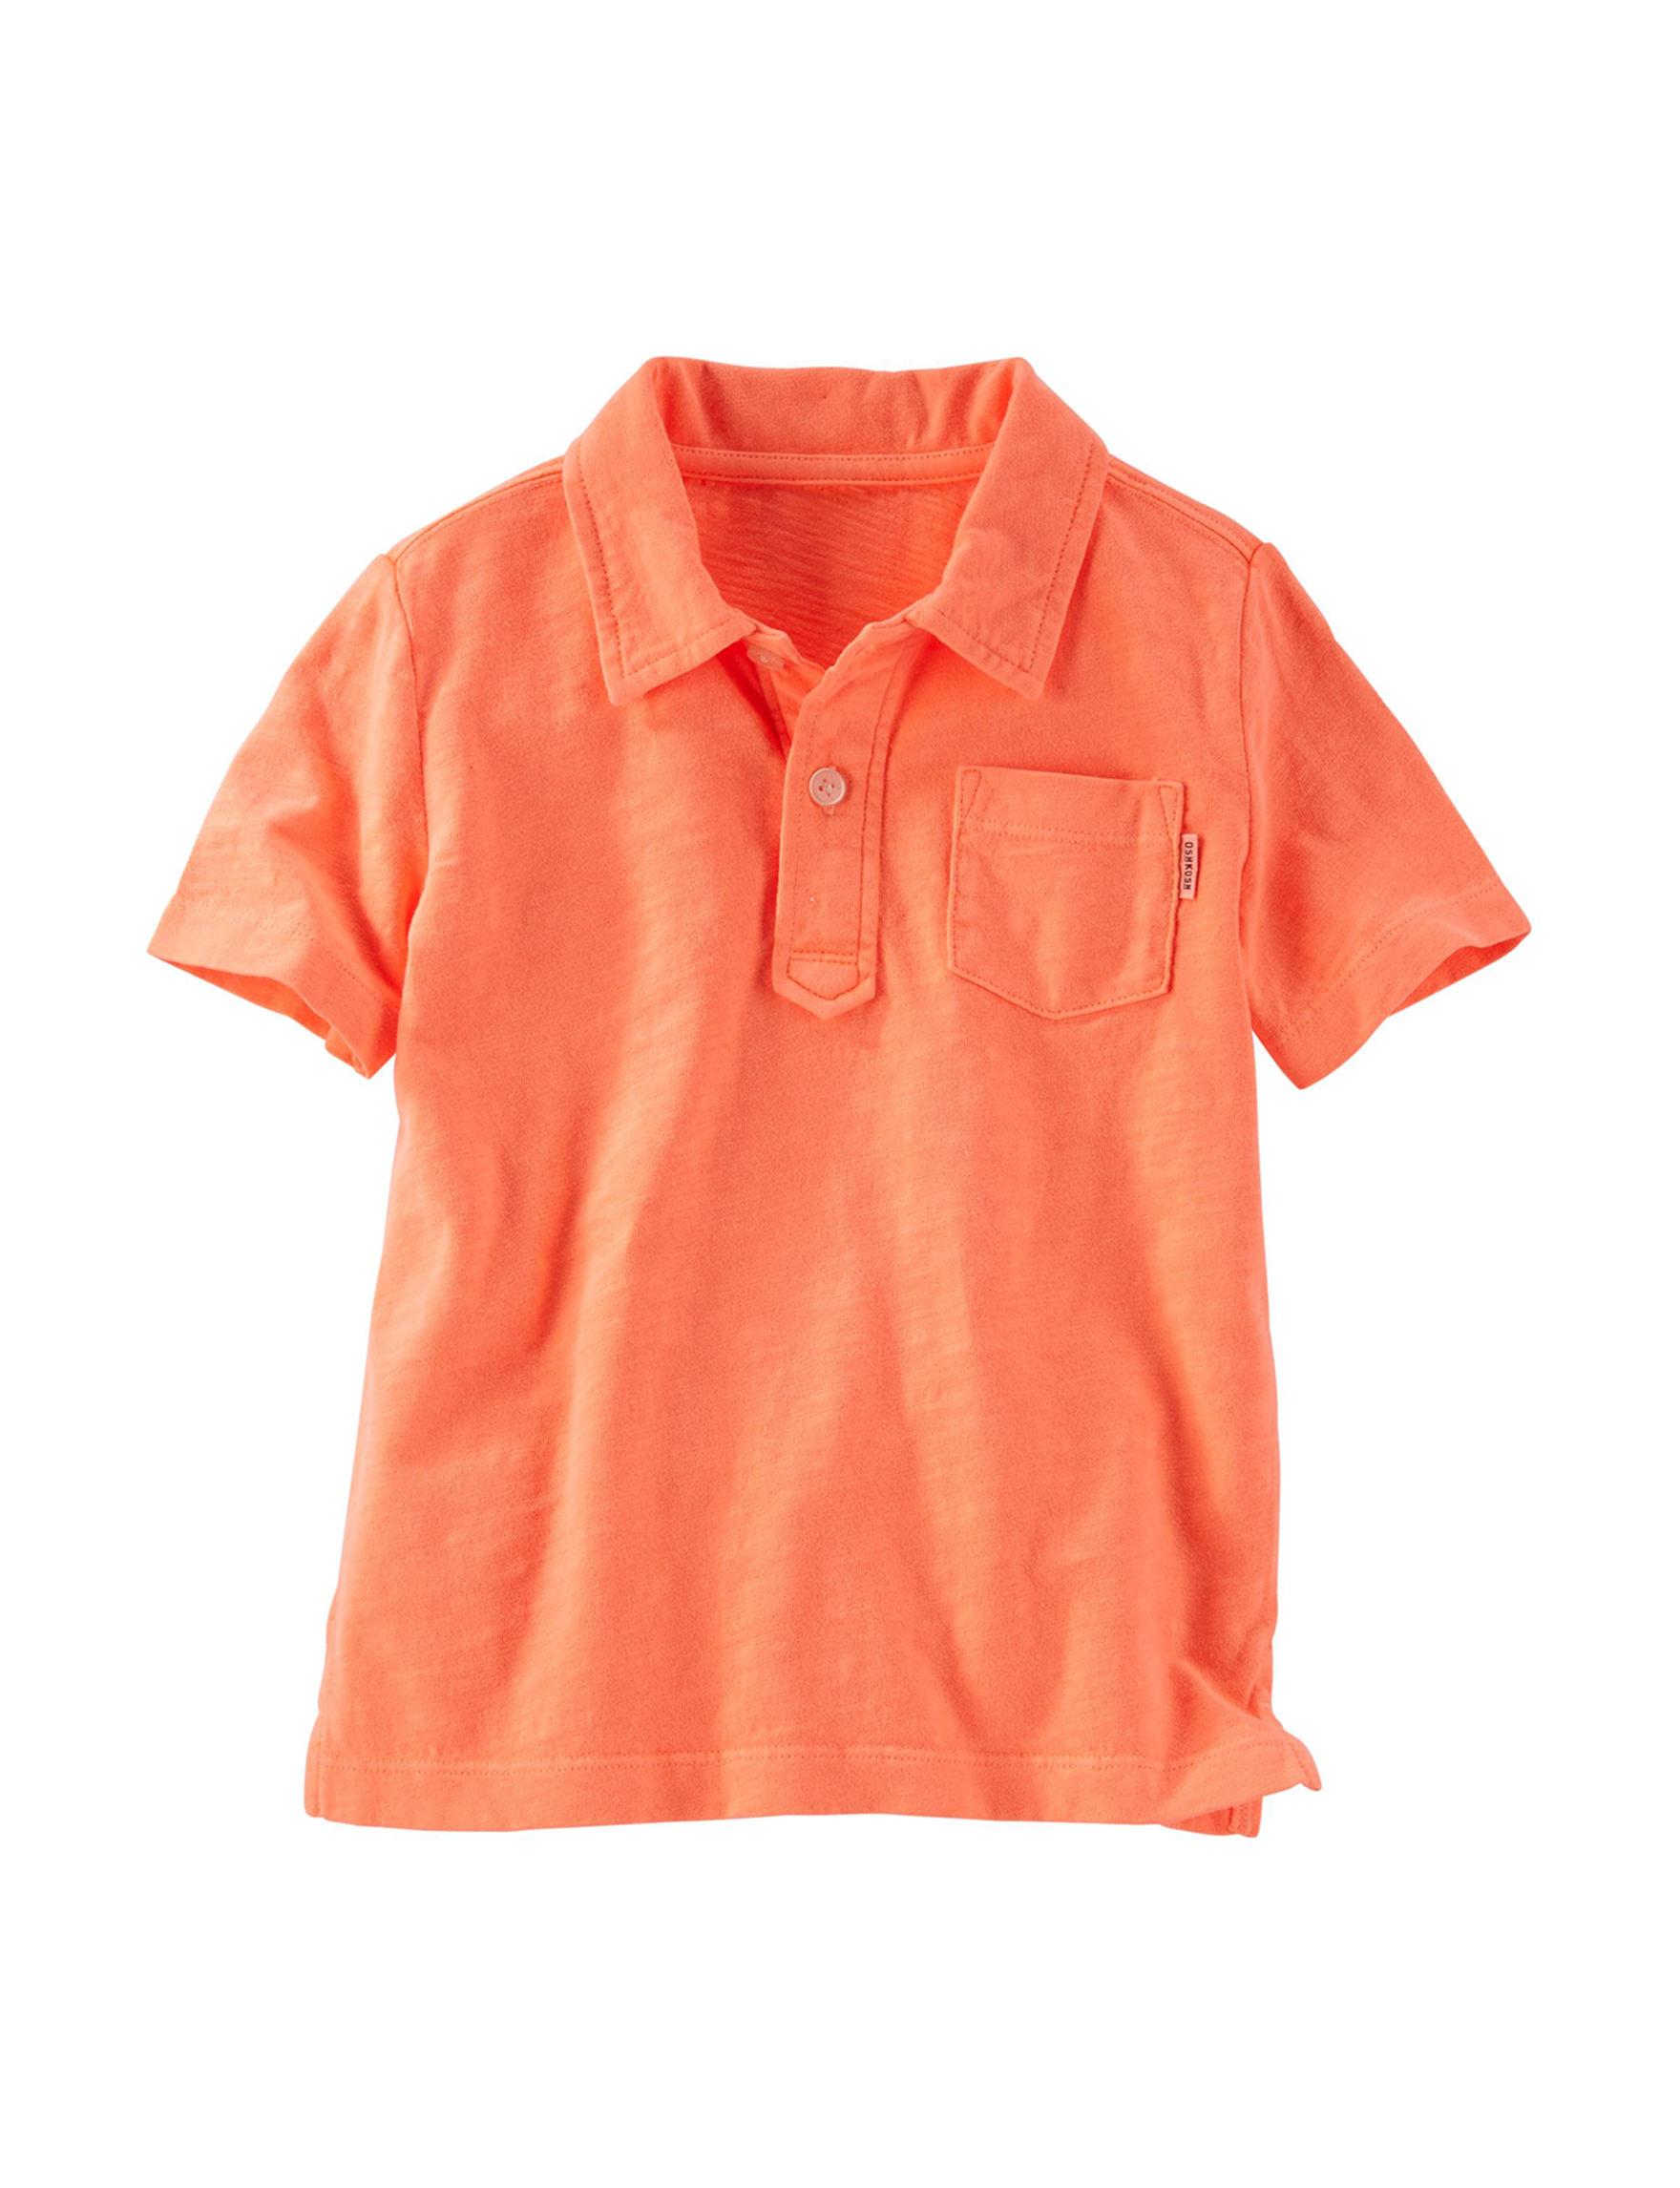 Oshkosh B'Gosh Orange